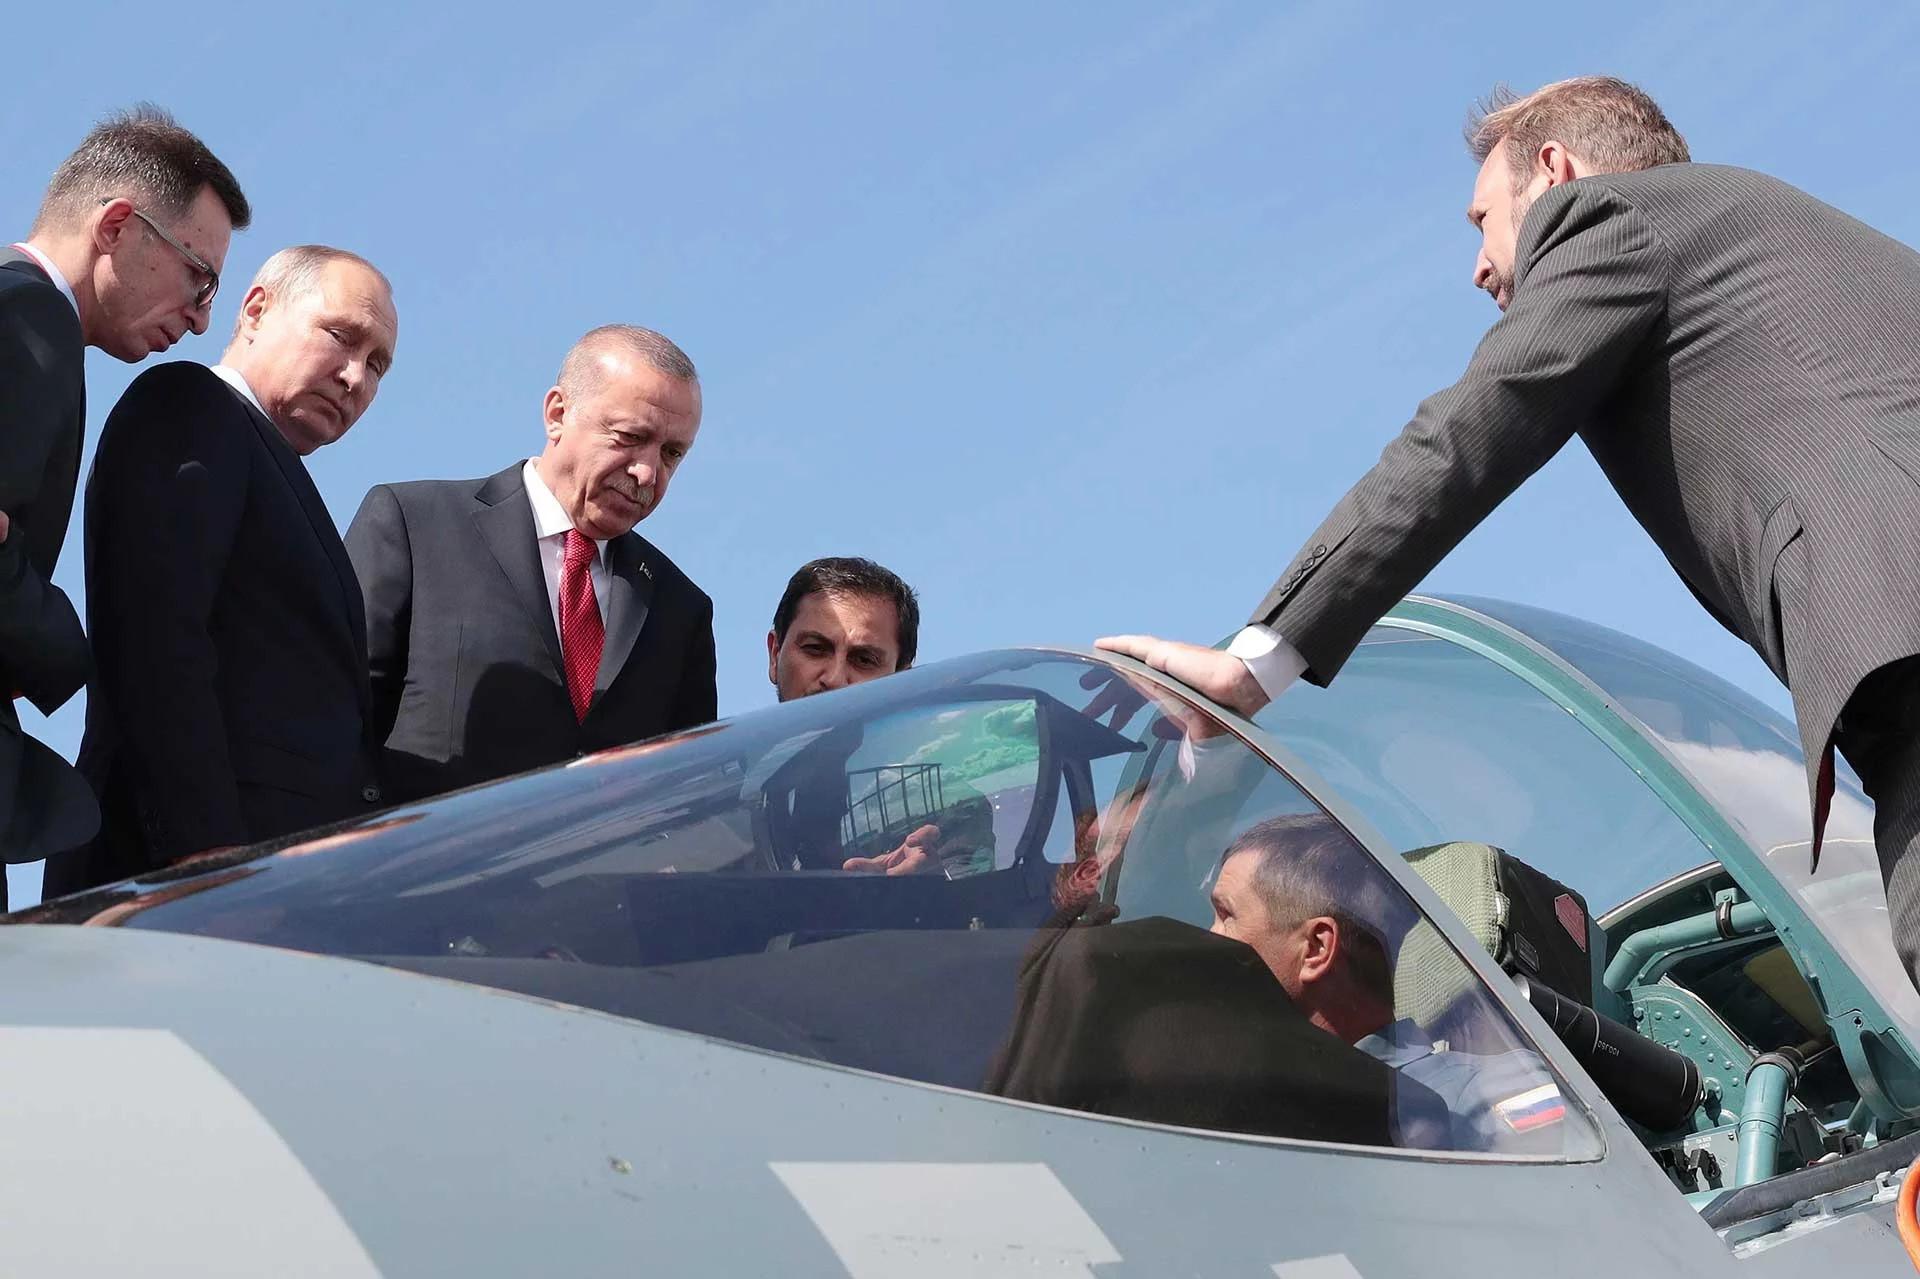 Cumhurbaşkanı Erdoğan, dünkü Moskova ziyaretinde Rusya Devlet Başkanı Vladimir Putin'le birlikte Uluslararası Havacılık Fuarı MAKS-2019'u ziyaret etmiş ve Su-57 uçaklarını incelemişti.